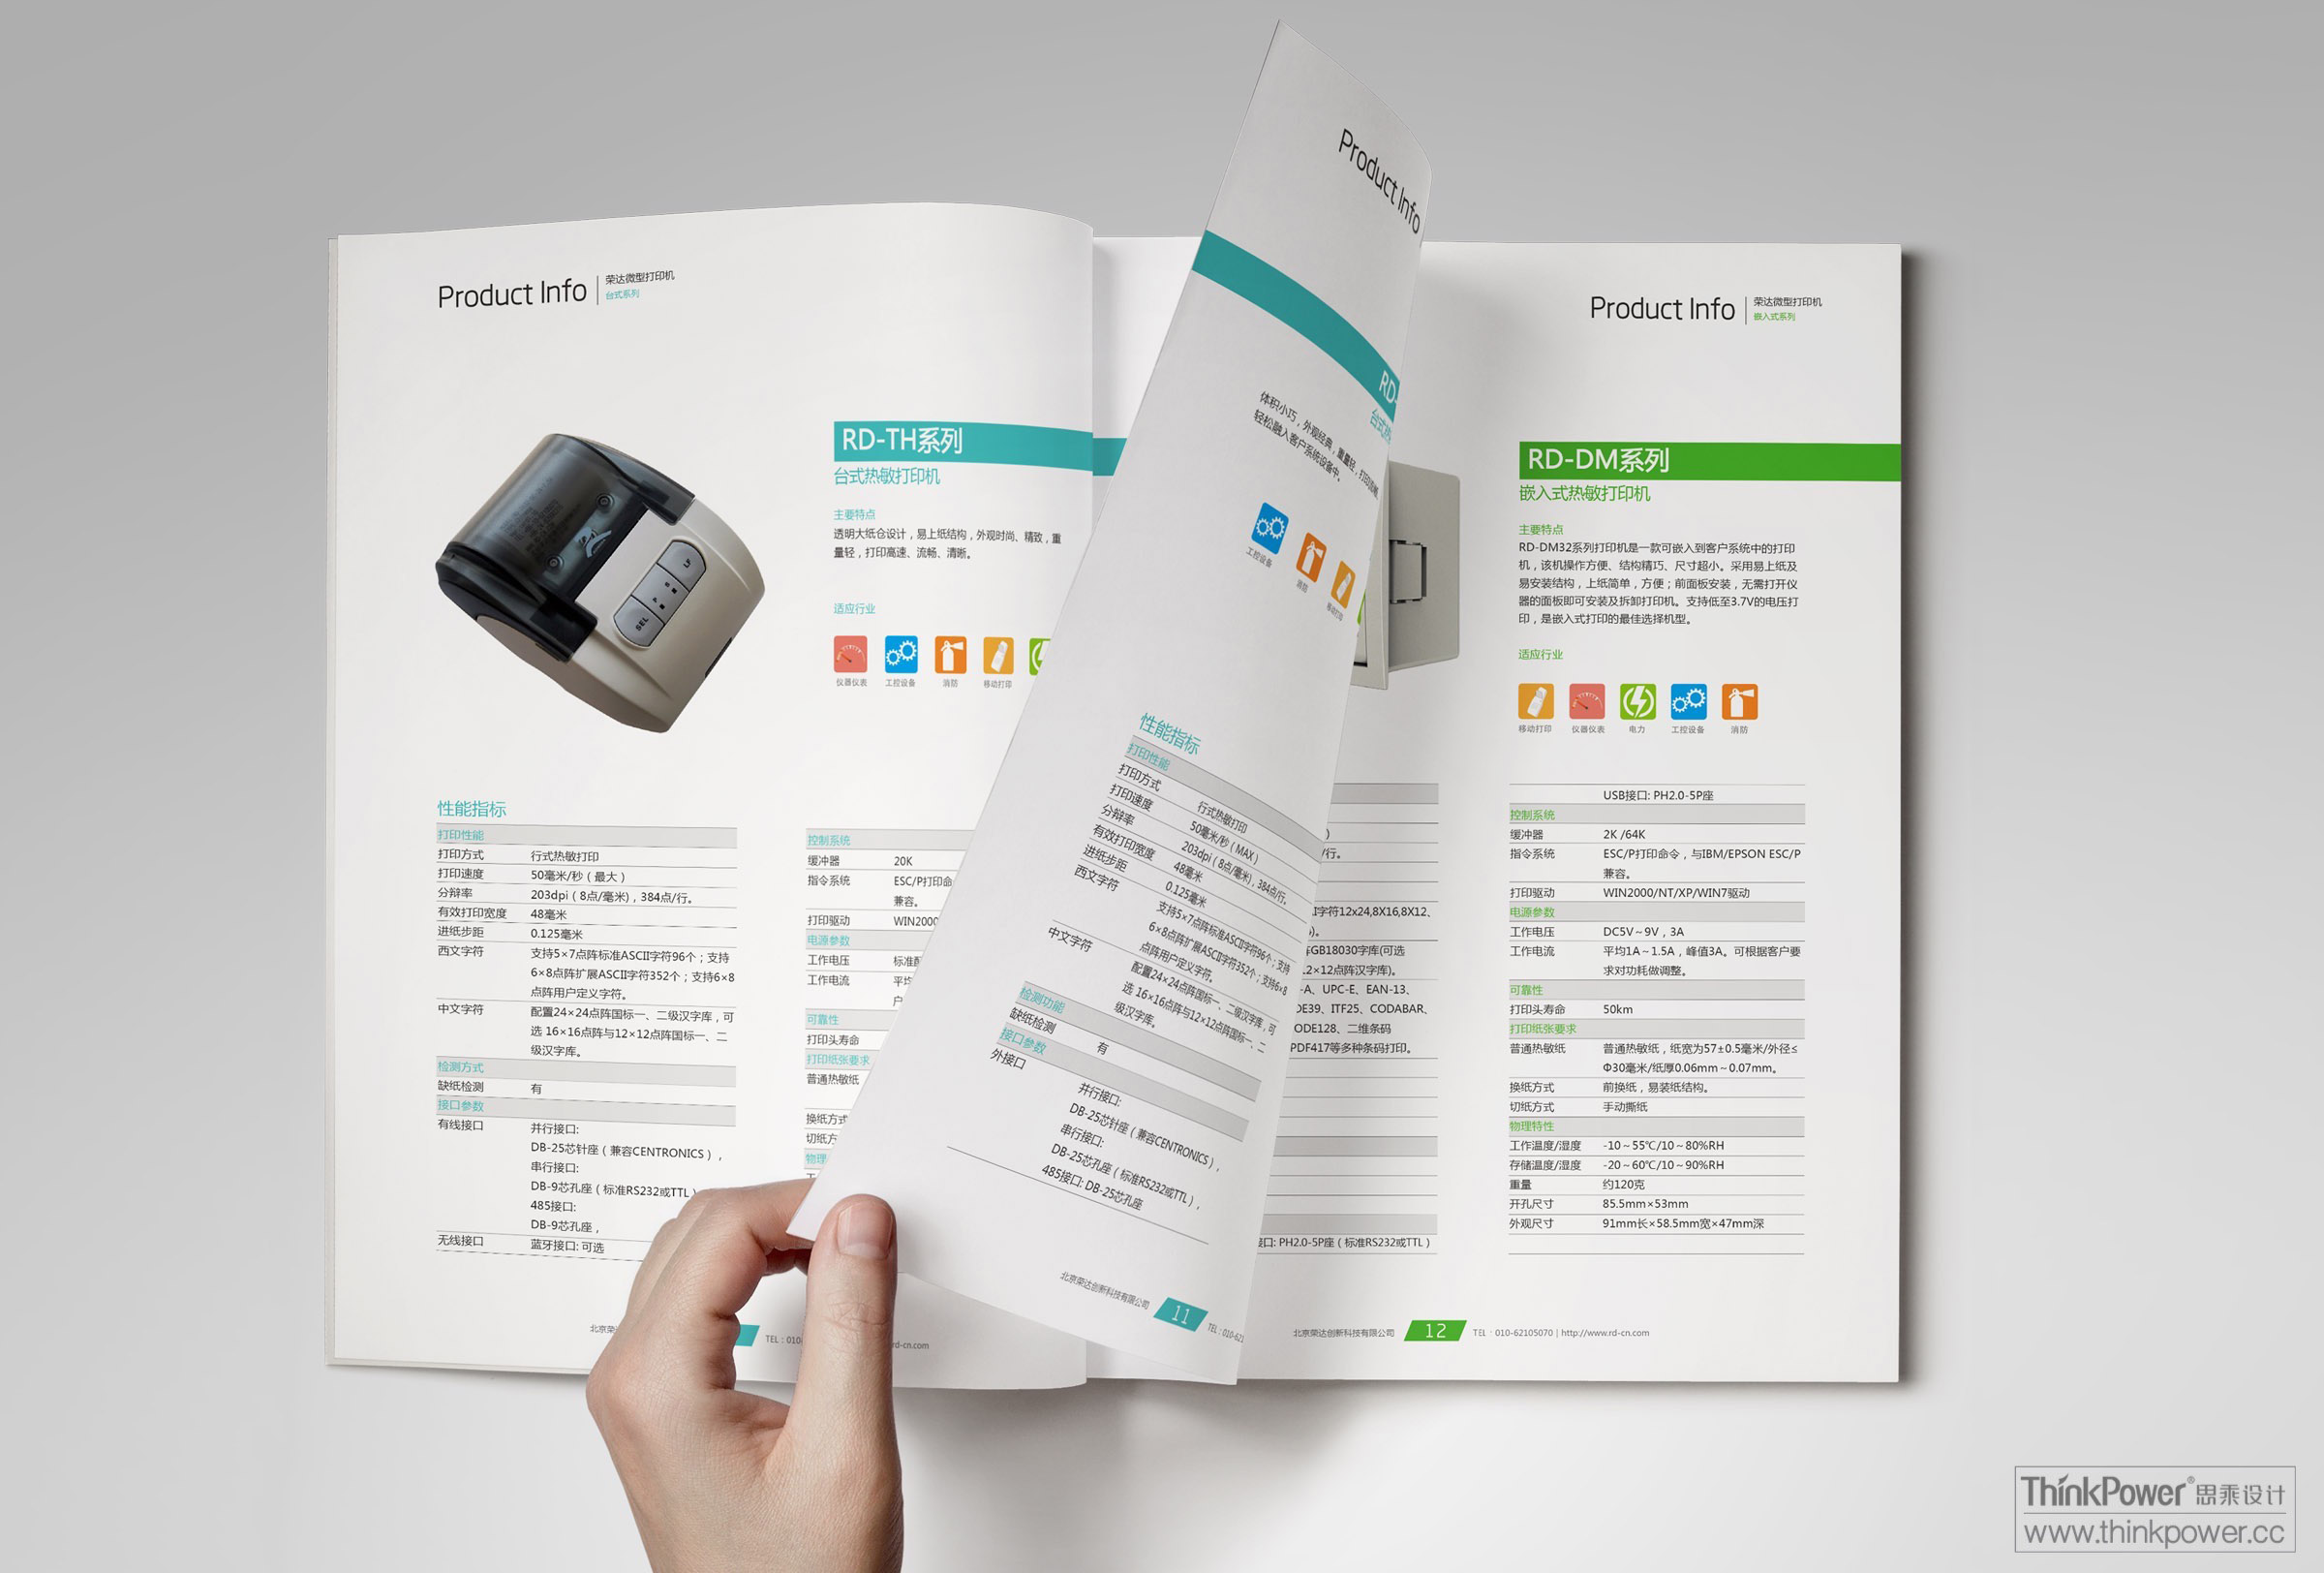 打印机产品手册 - 物料设计 - 北京思乘创新工业设计